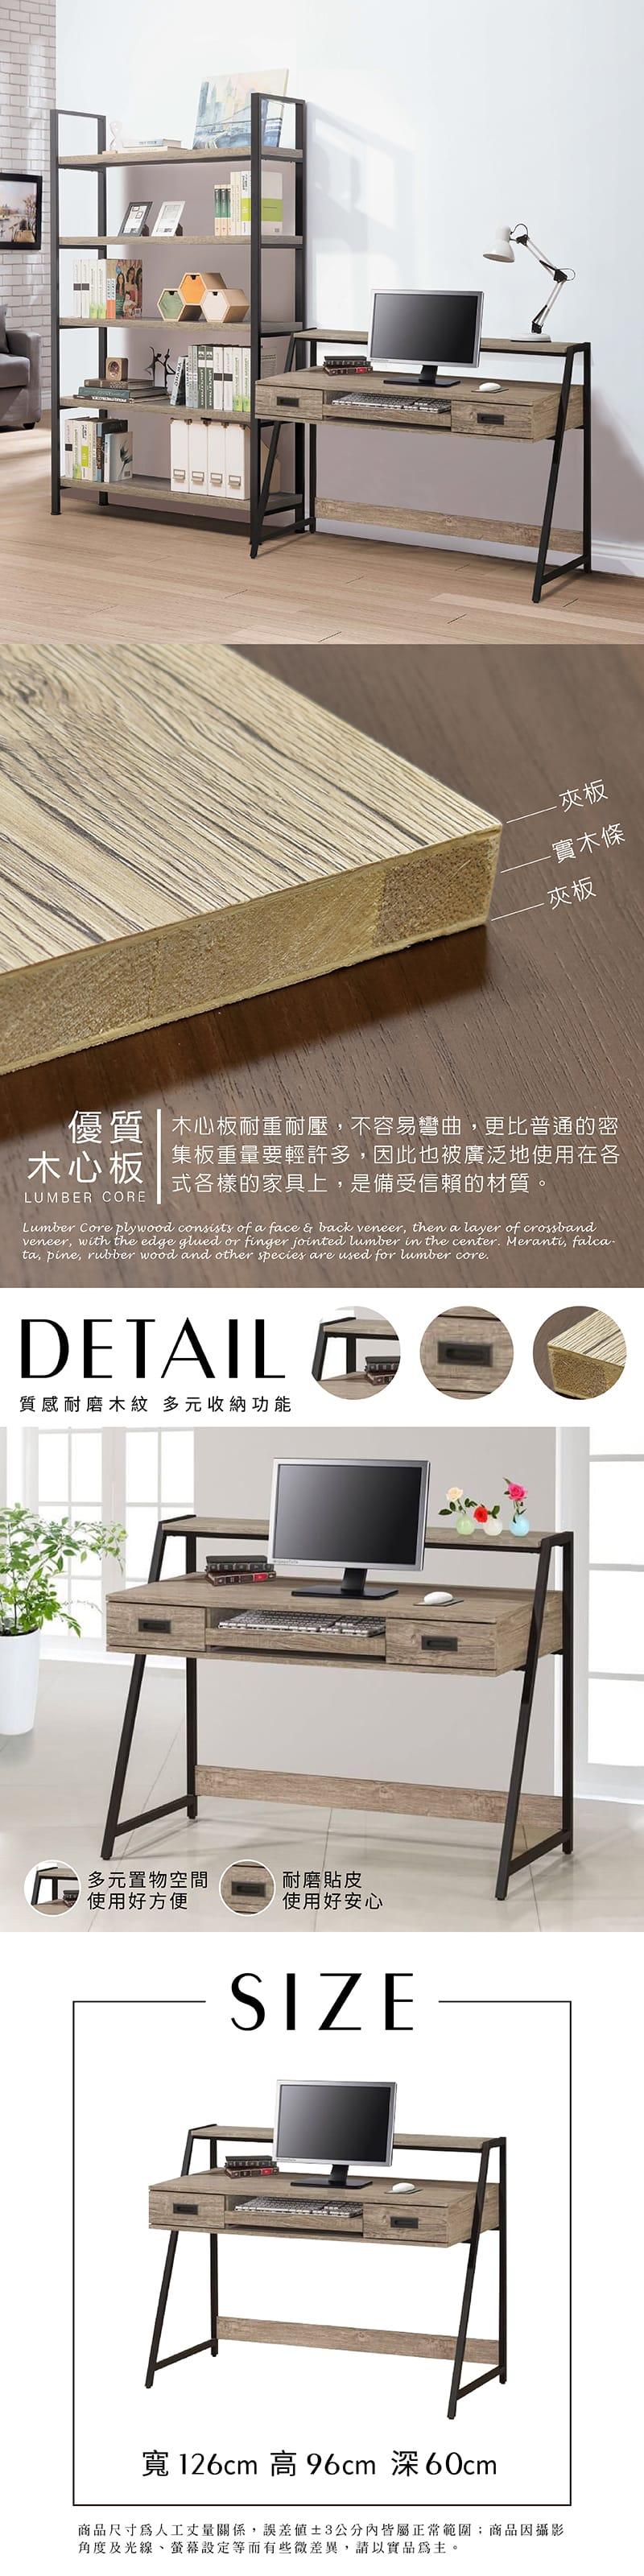 曼斯 工業風書桌 寬126cm(鍵盤架系列)